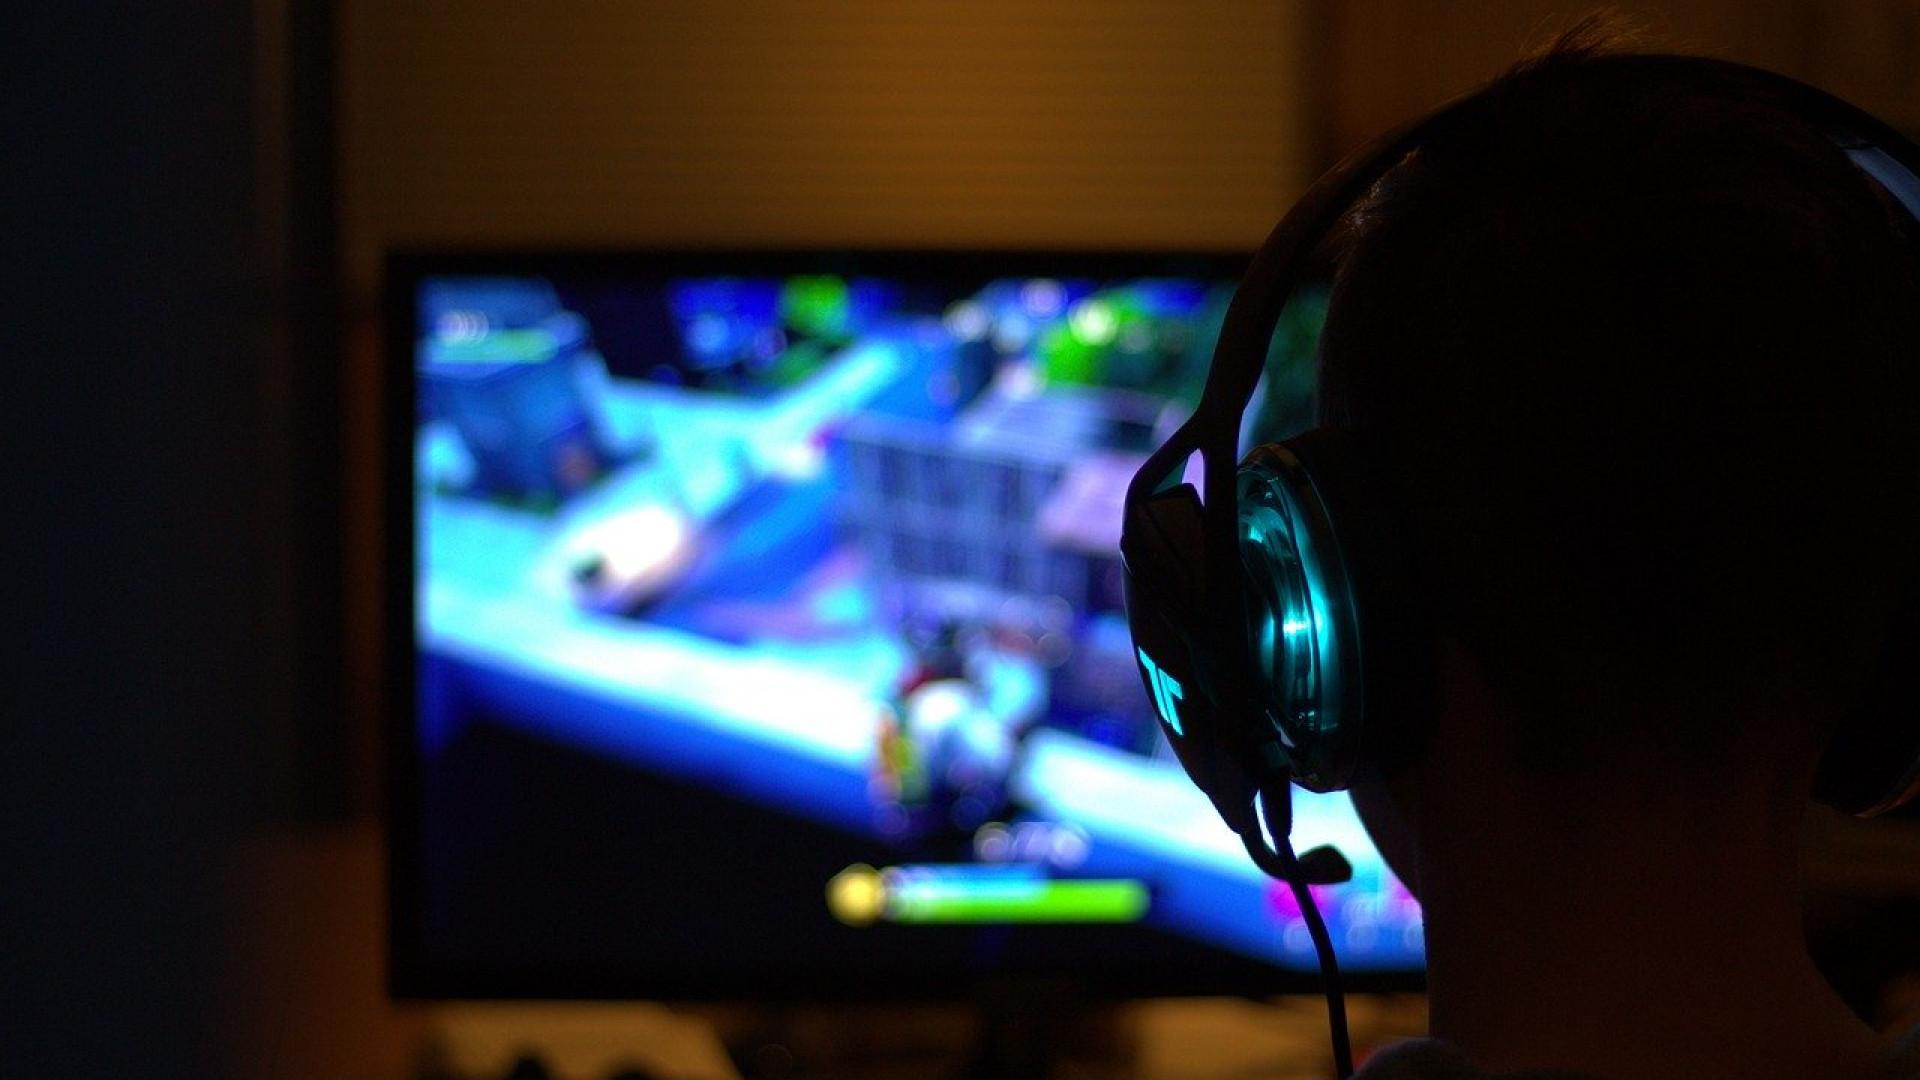 Comment améliorer les performances d'un pc gamer ?